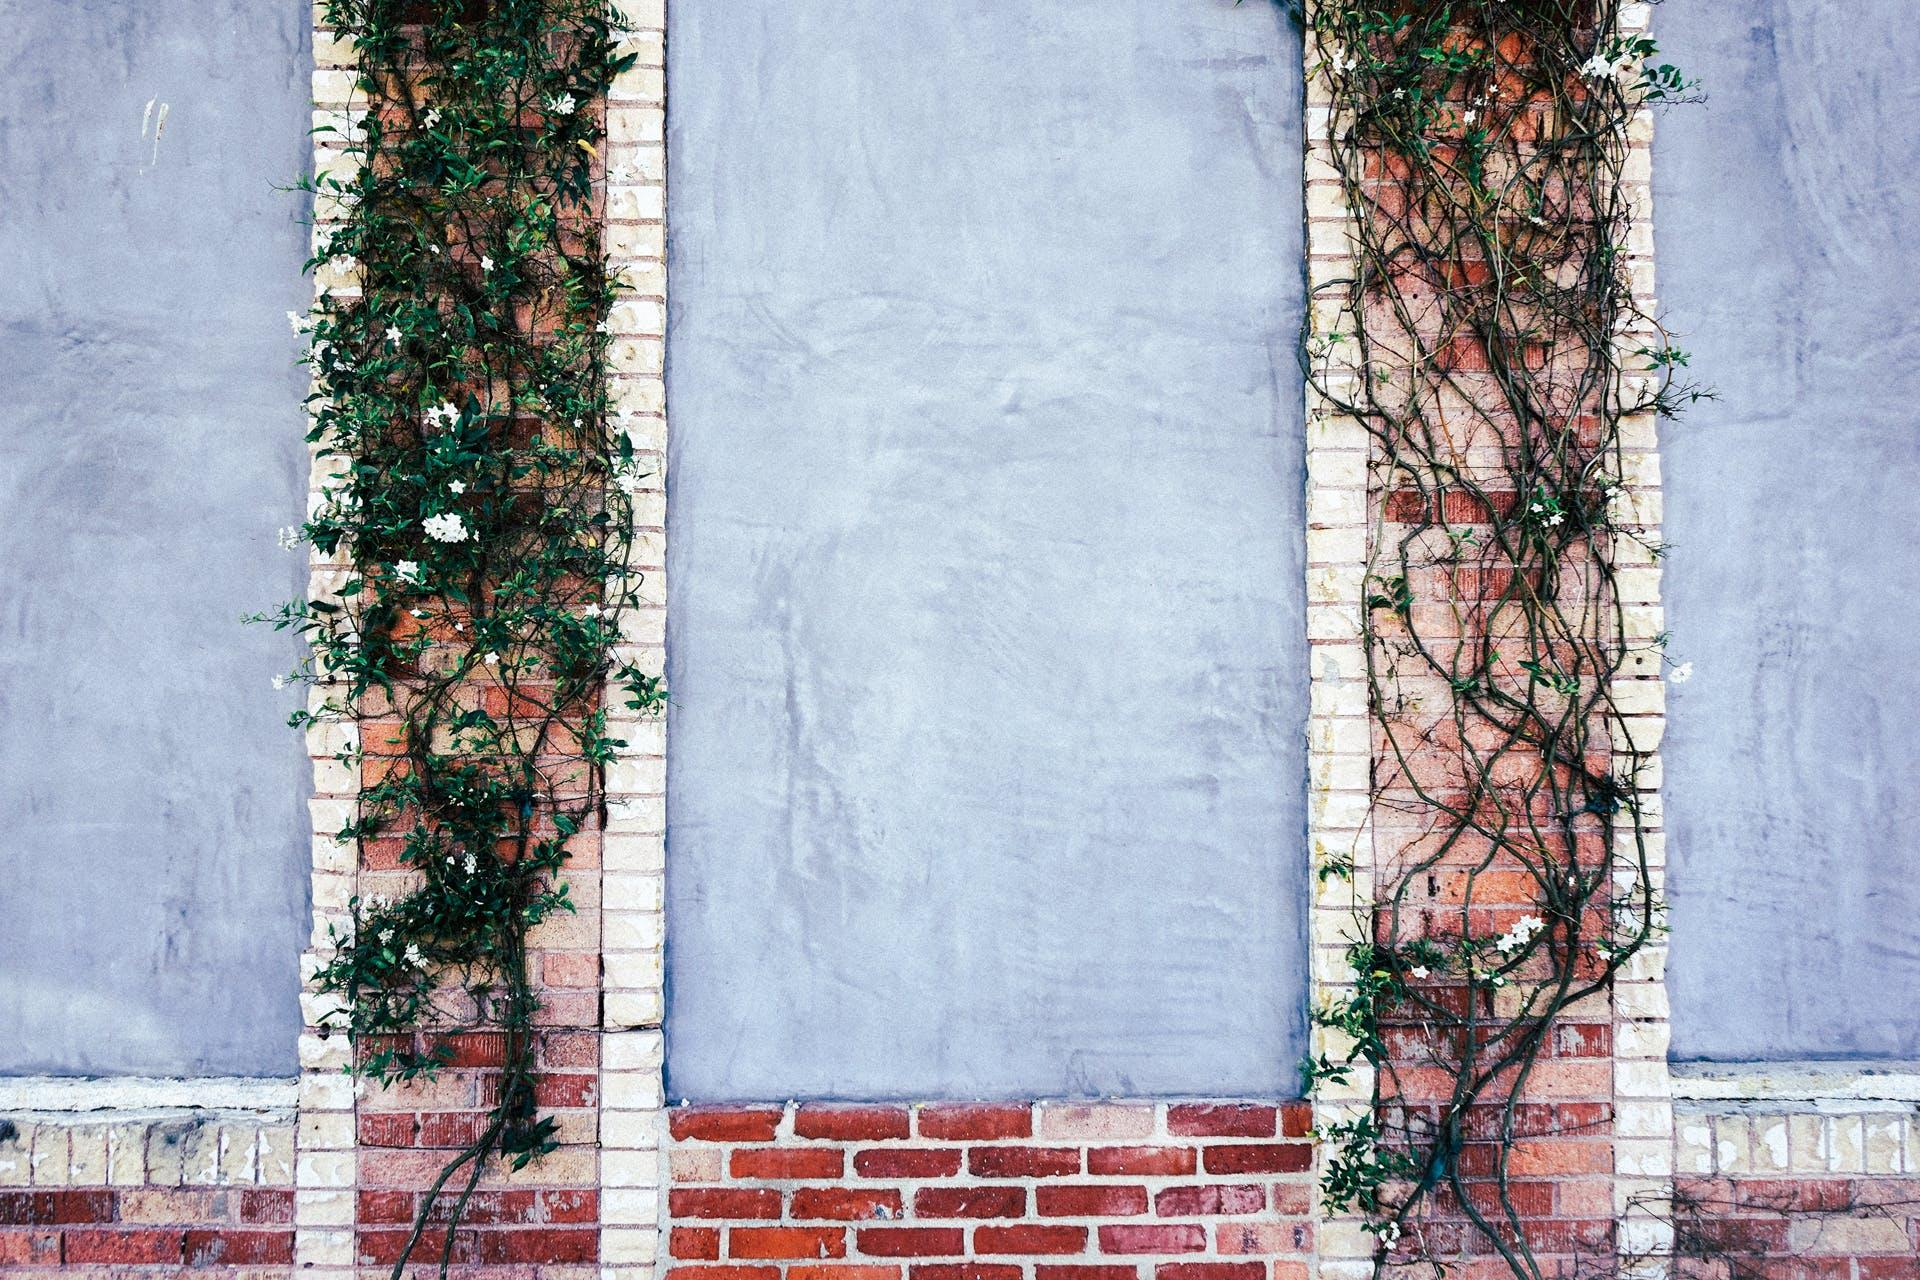 Kostenloses Stock Foto zu kletterpflanze, mauer, ziegel